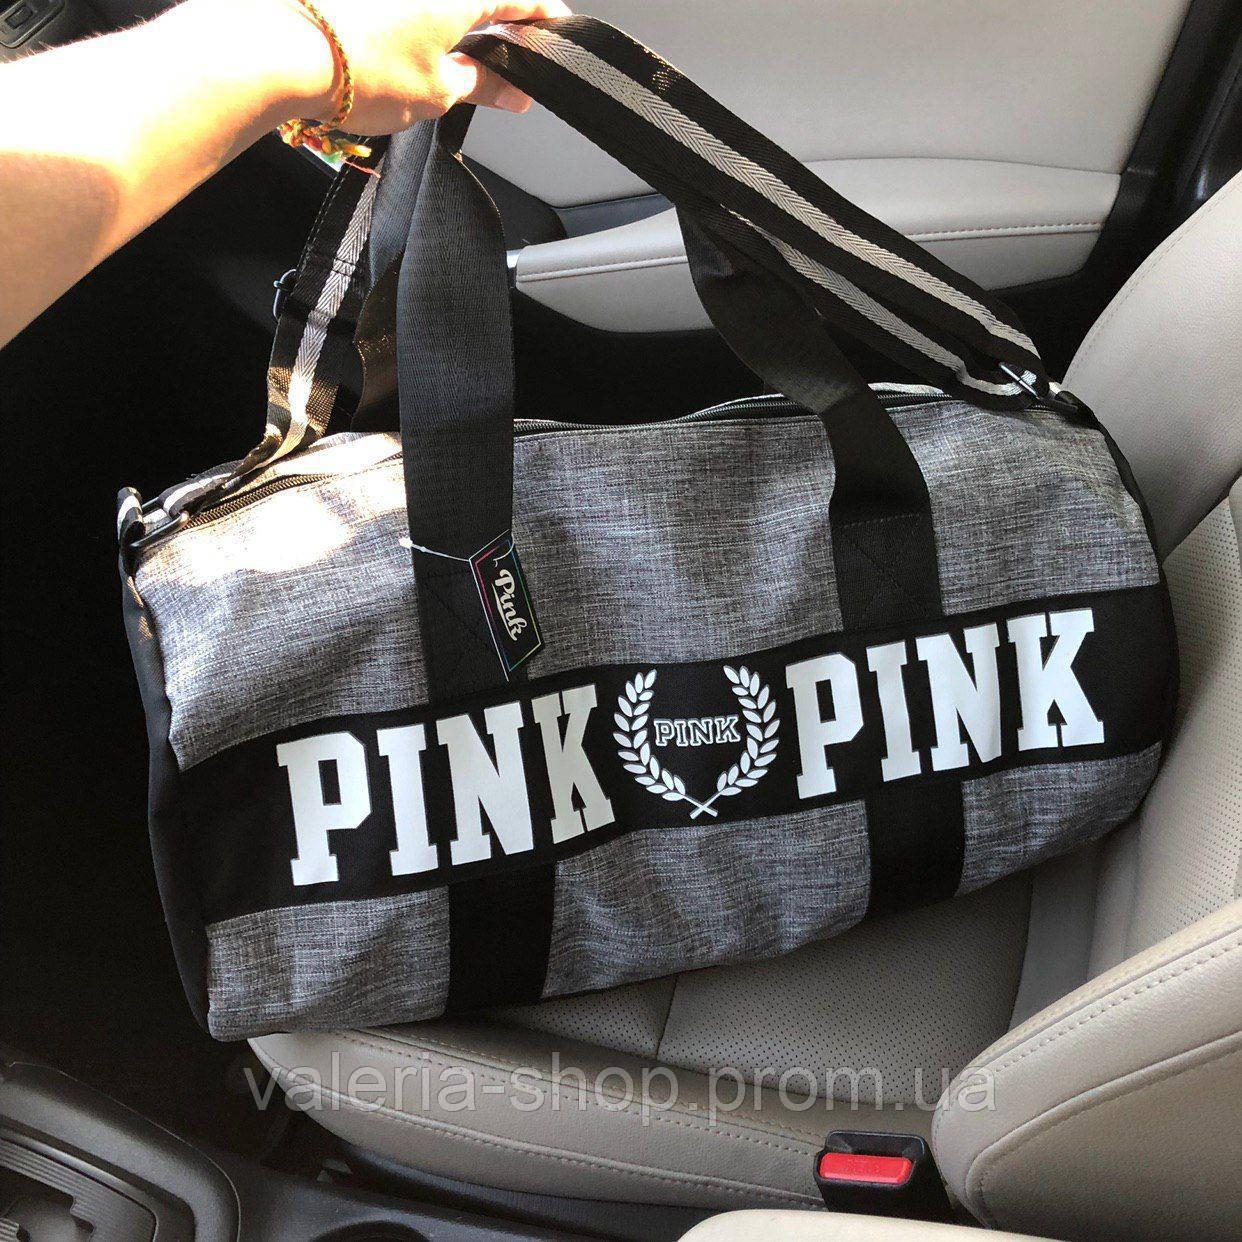 Спортивная сумка Pink в стиле VS